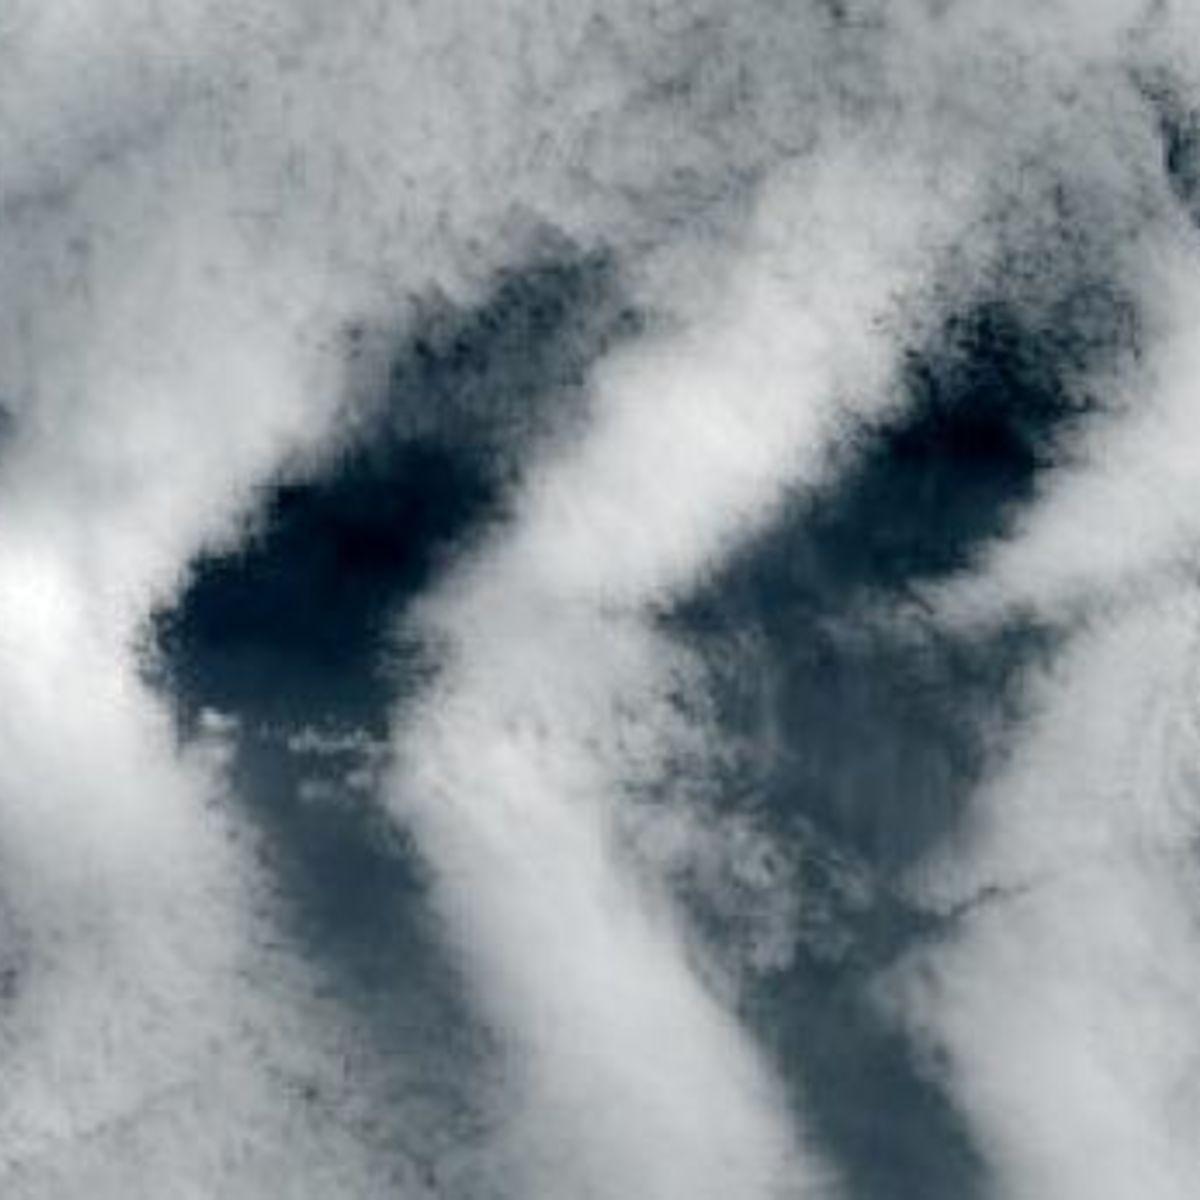 landsat8_amsterdamisland_waves_354.jpg.CROP.rectangle-large.jpg